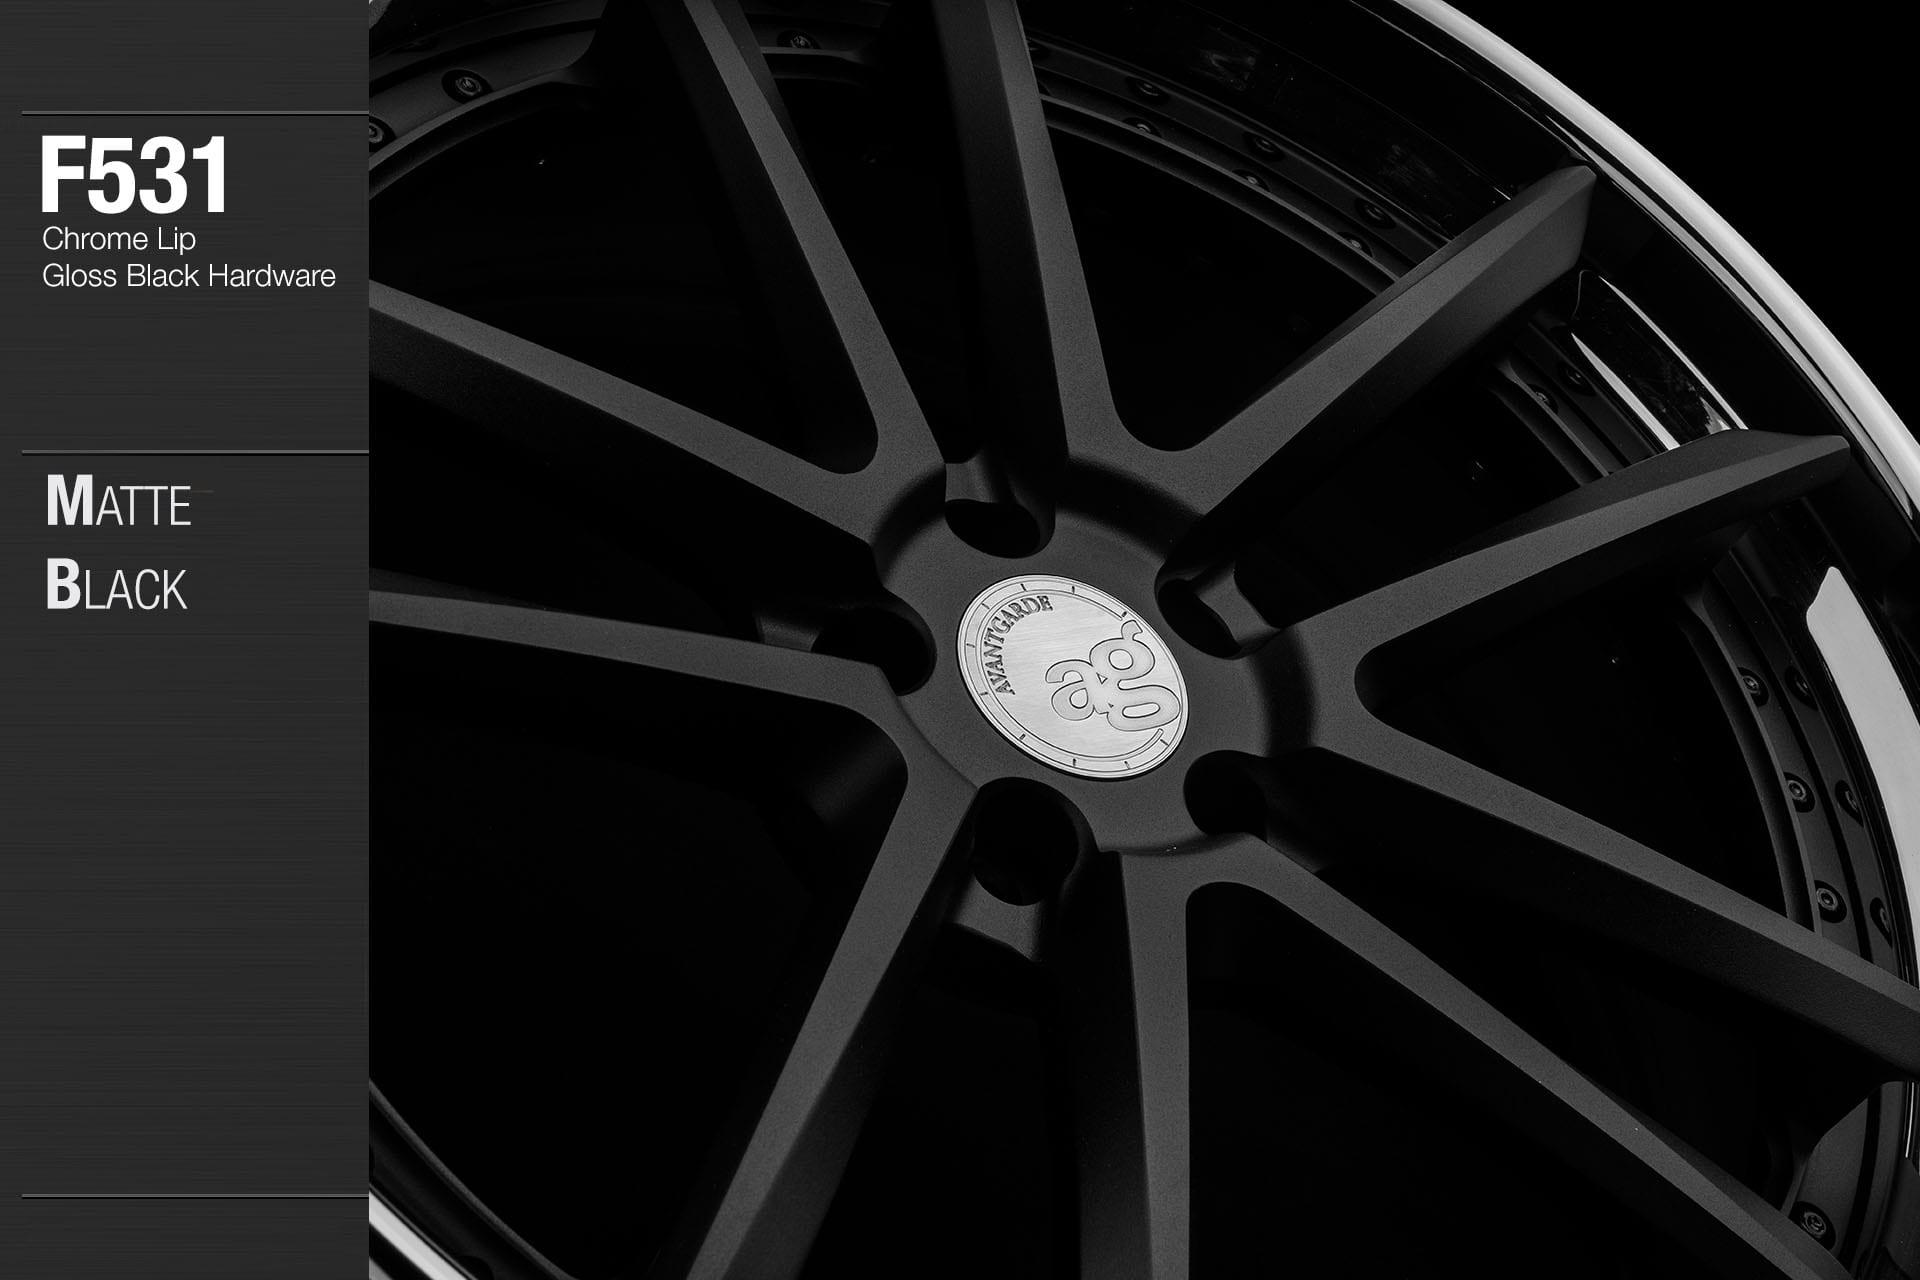 avant-garde-ag-wheels-f531-matte-black-face-chrome-lip-gloss-black-hardware-2-min